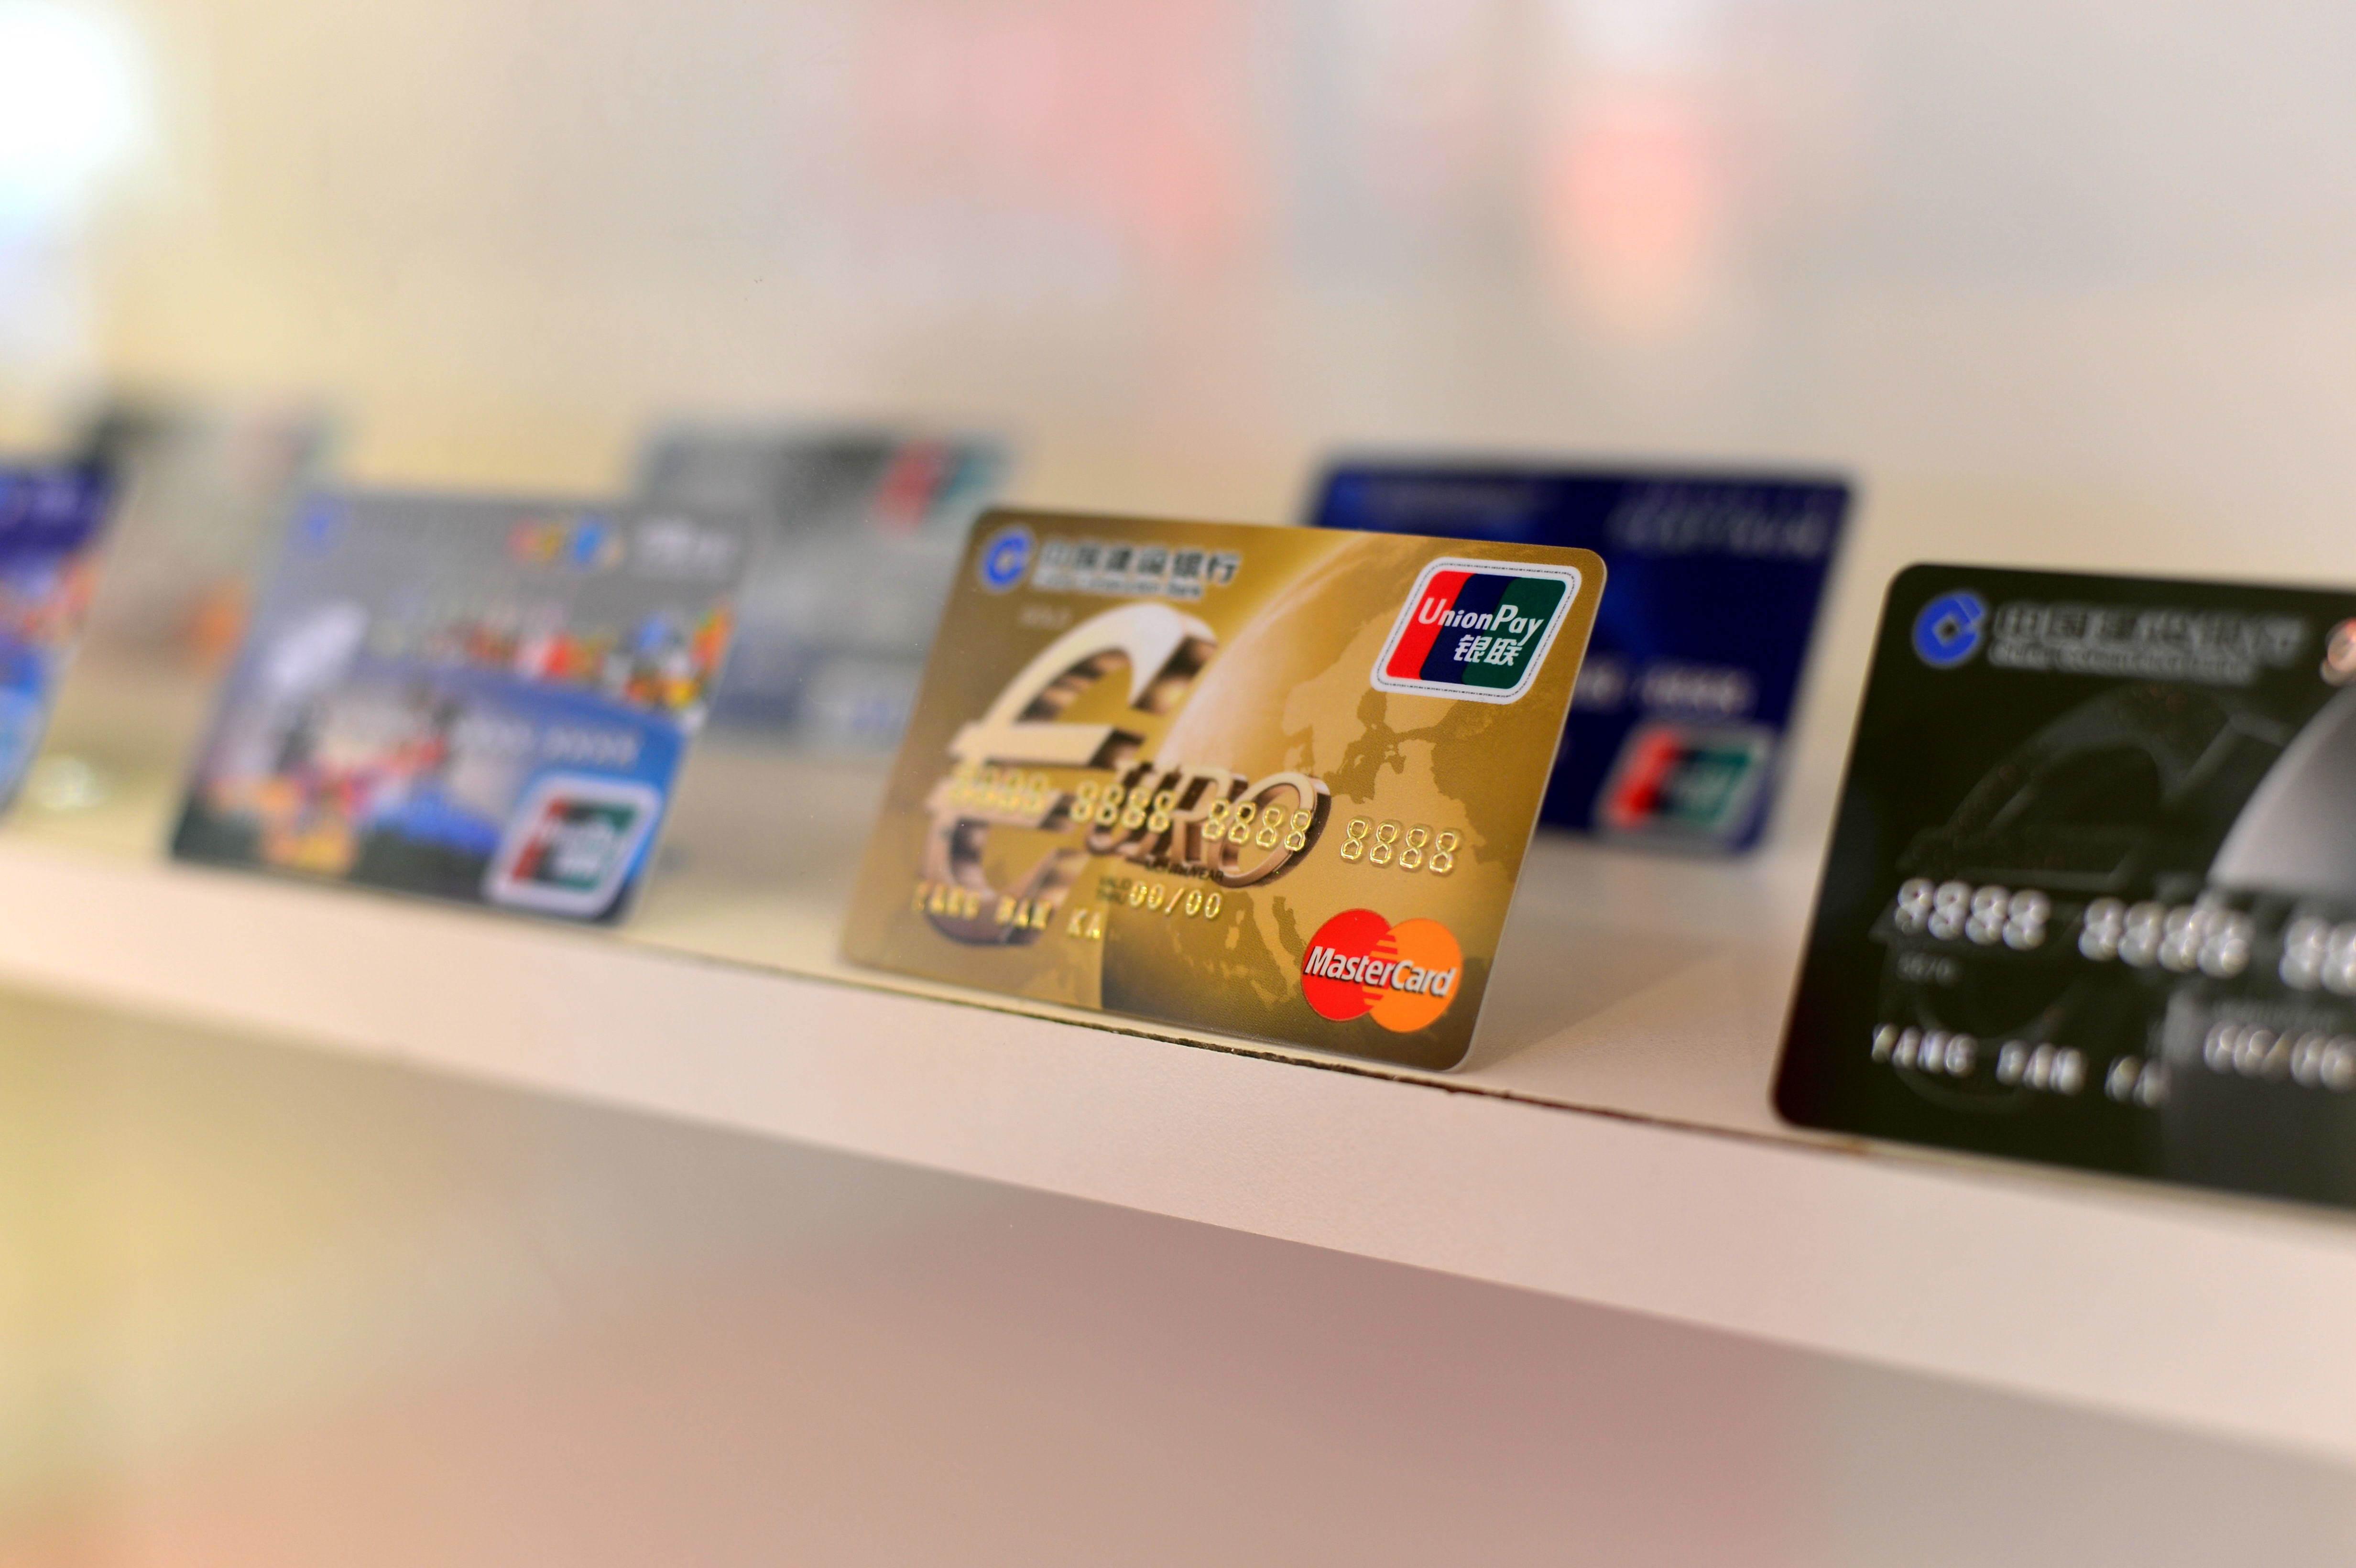 2019销卡最全攻略,教你如何销掉最无用的信用卡!